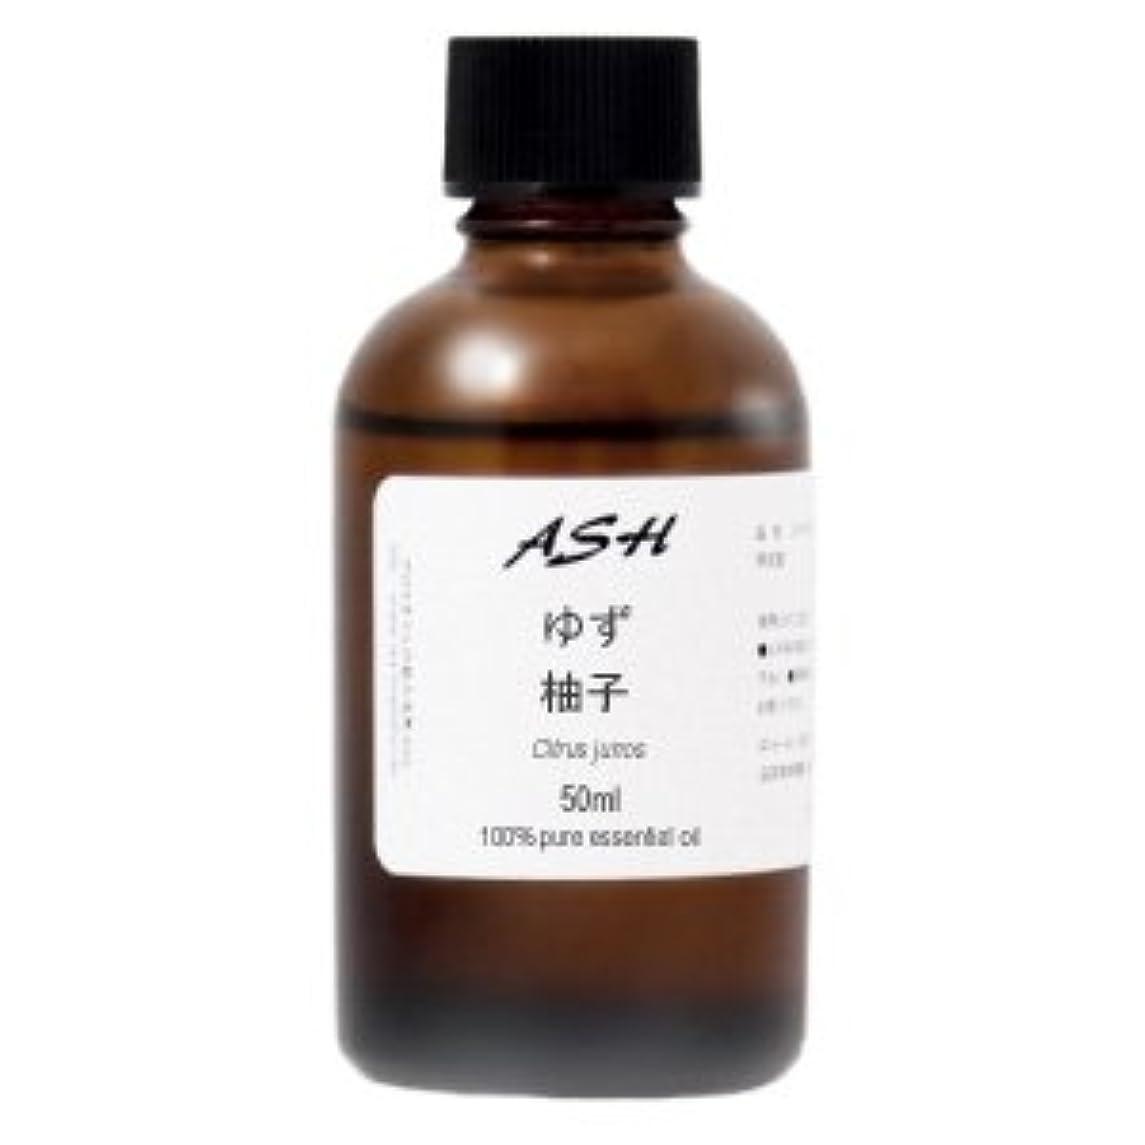 計画メロディアス接続ASH 柚子 (ゆず) エッセンシャルオイル 50ml【和精油】【Yuzu Essential Oil-Japan】 AEAJ表示基準適合認定精油